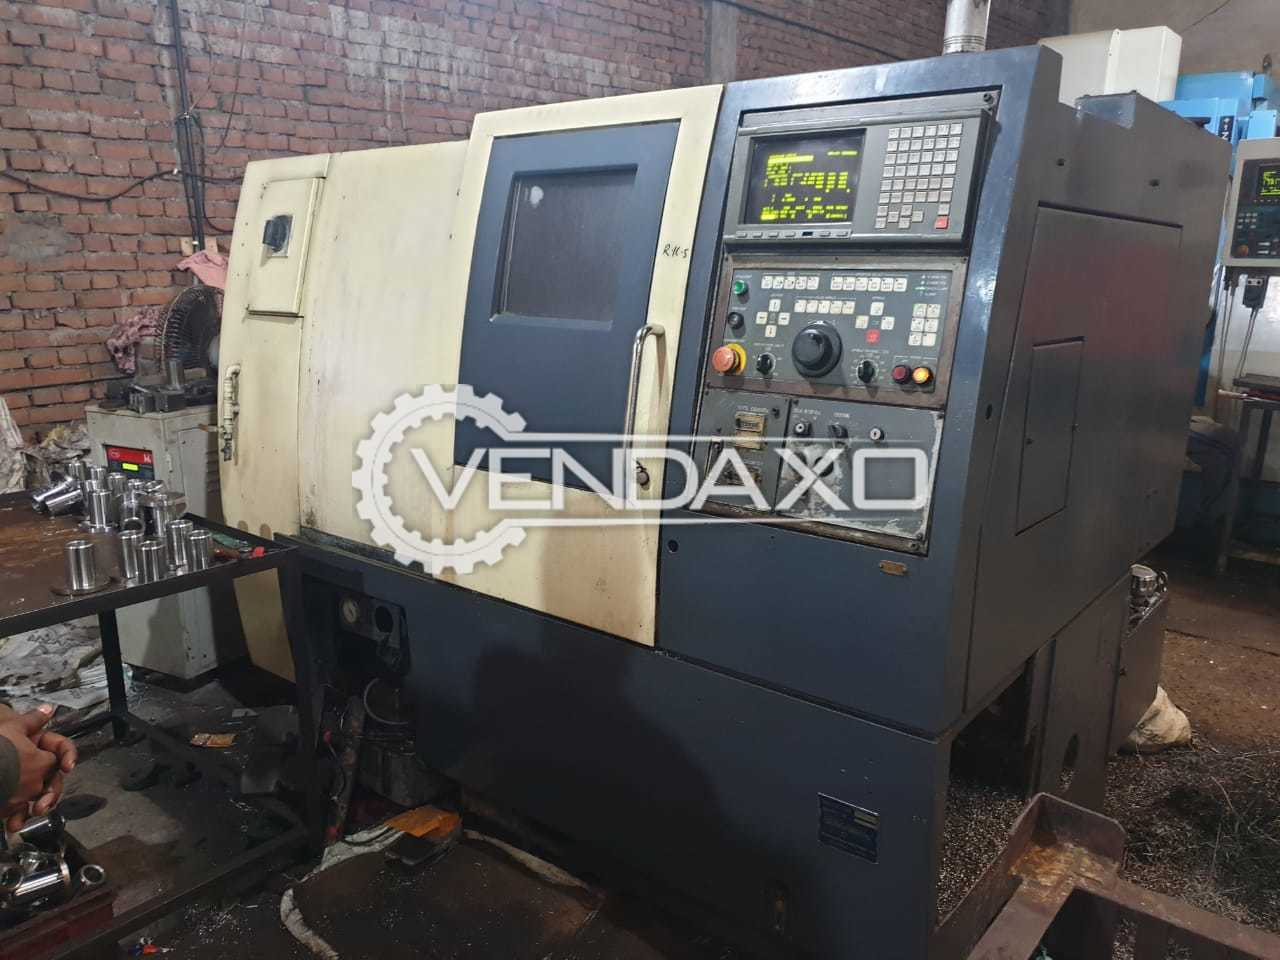 OKUMA ACT 20 CNC Lathe Machine - Spindle Bore - 100 mm, Without Center